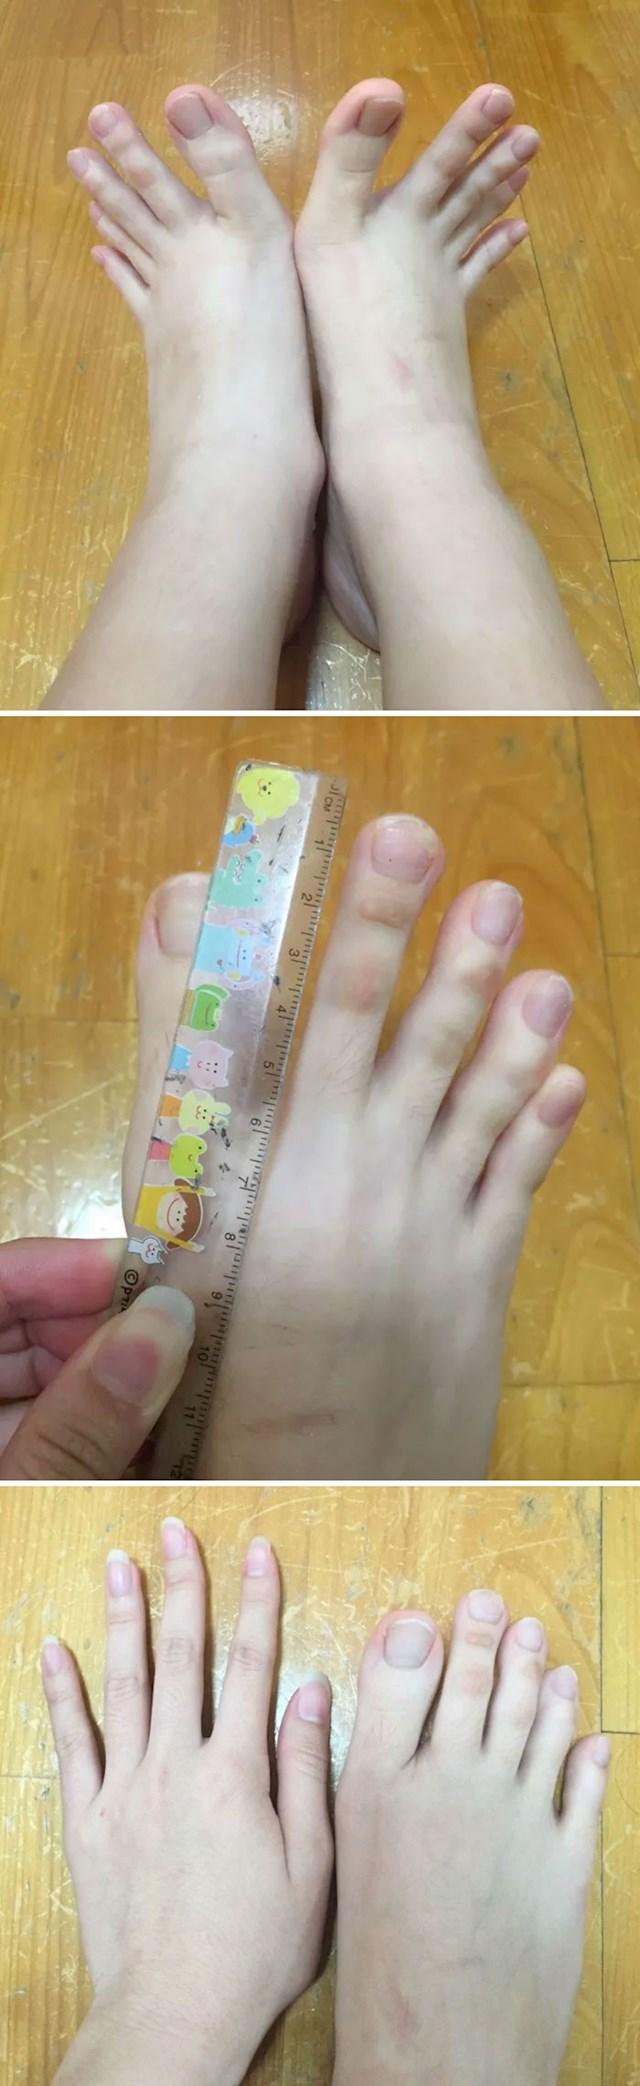 30. Ekstremno dugi nožni prsti.